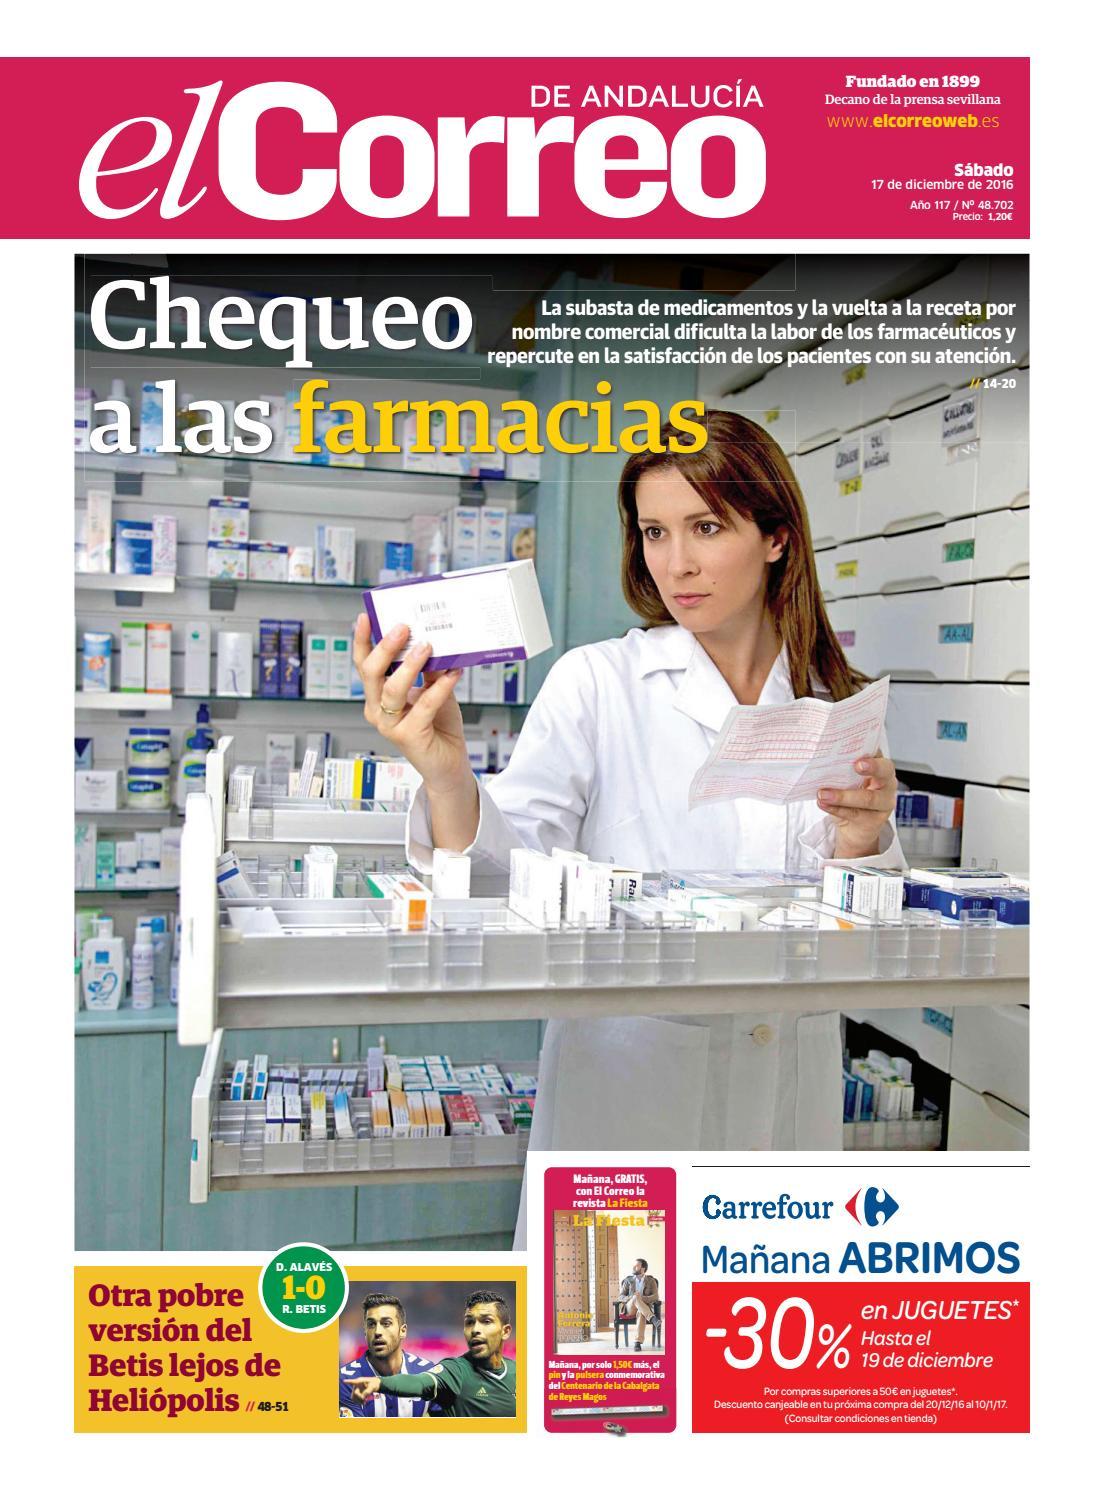 17 12 2016 El Correo de Andalucía by EL CORREO DE ANDALUCÍA S.L. - issuu